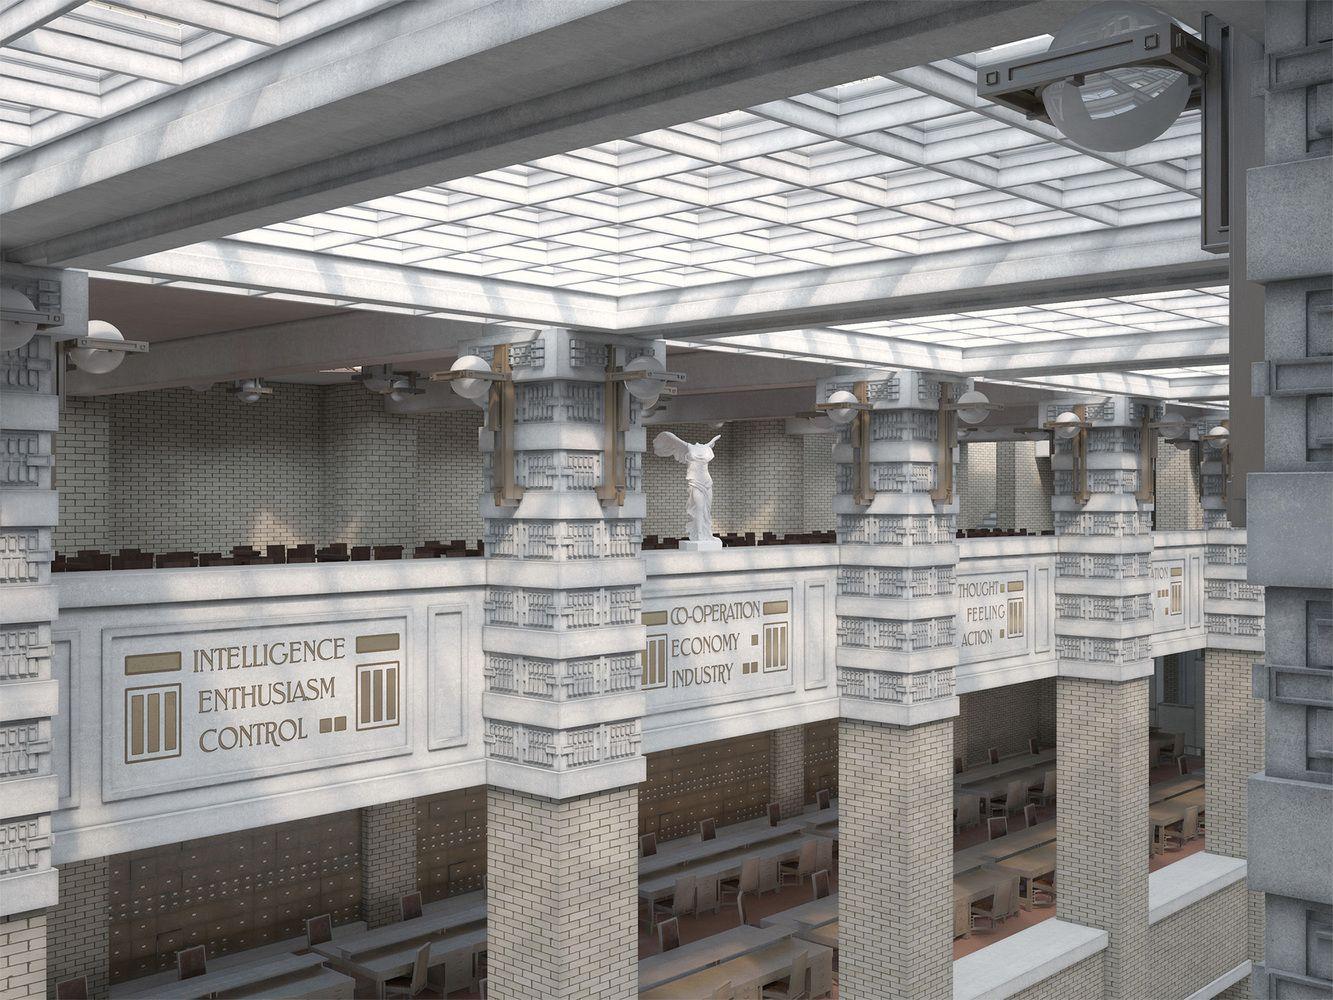 Galería de David Romero recrea obras desaparecidas de Frank Lloyd Wright en estas realistas imágenes - 9